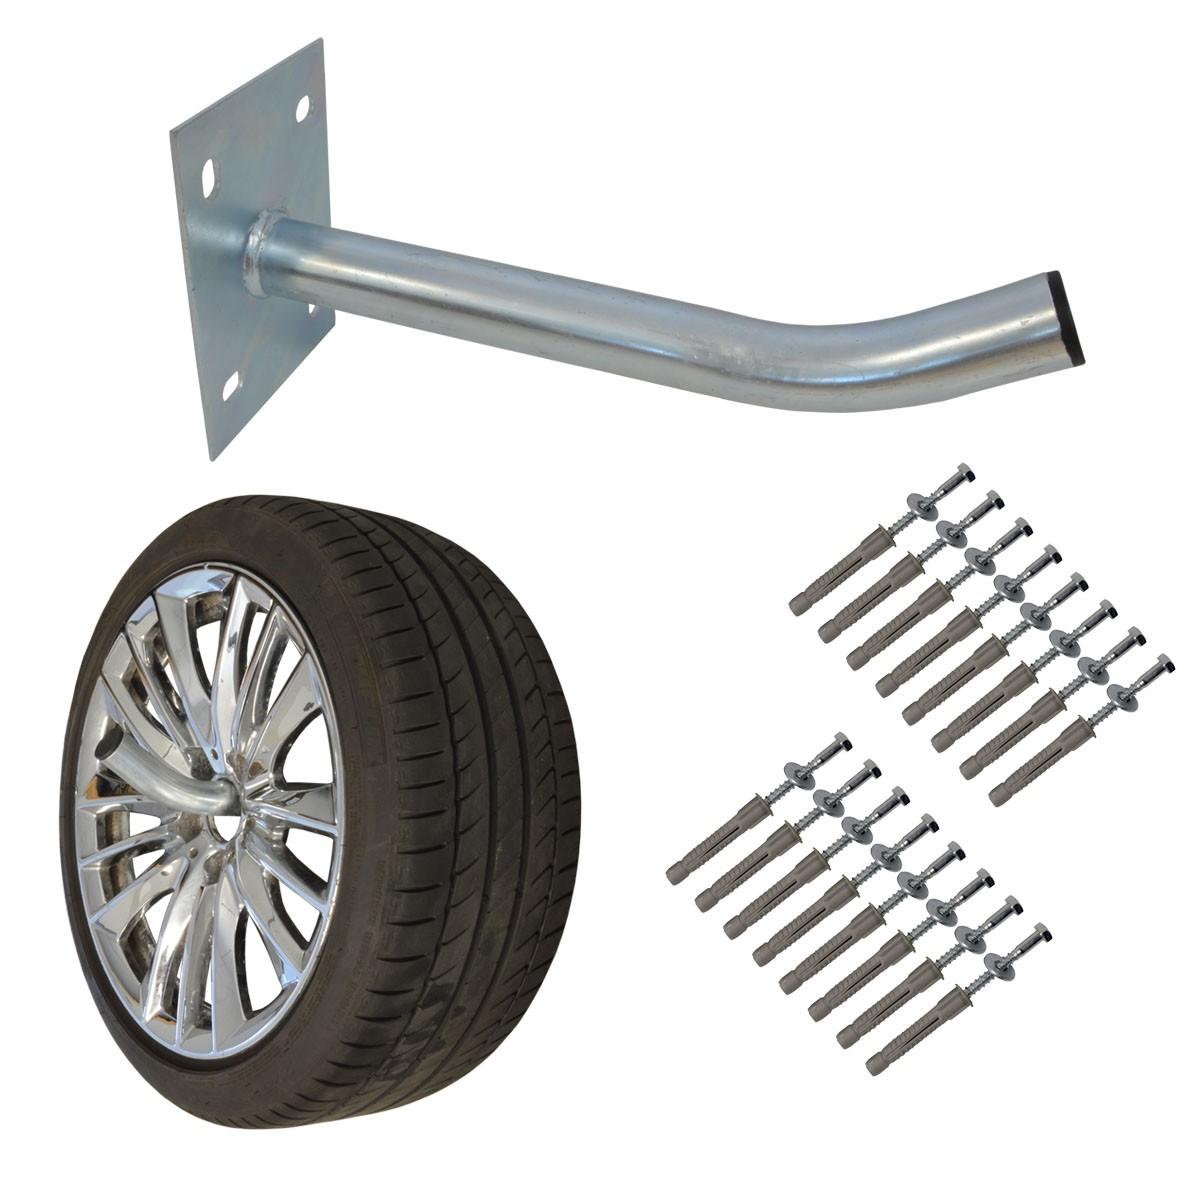 4x PremiumX Autoreifen Wandhalter 35cm Reifenhalter für Auto-Felgen Reifen Wandhalterung inkl. Montage-Schraubensatz